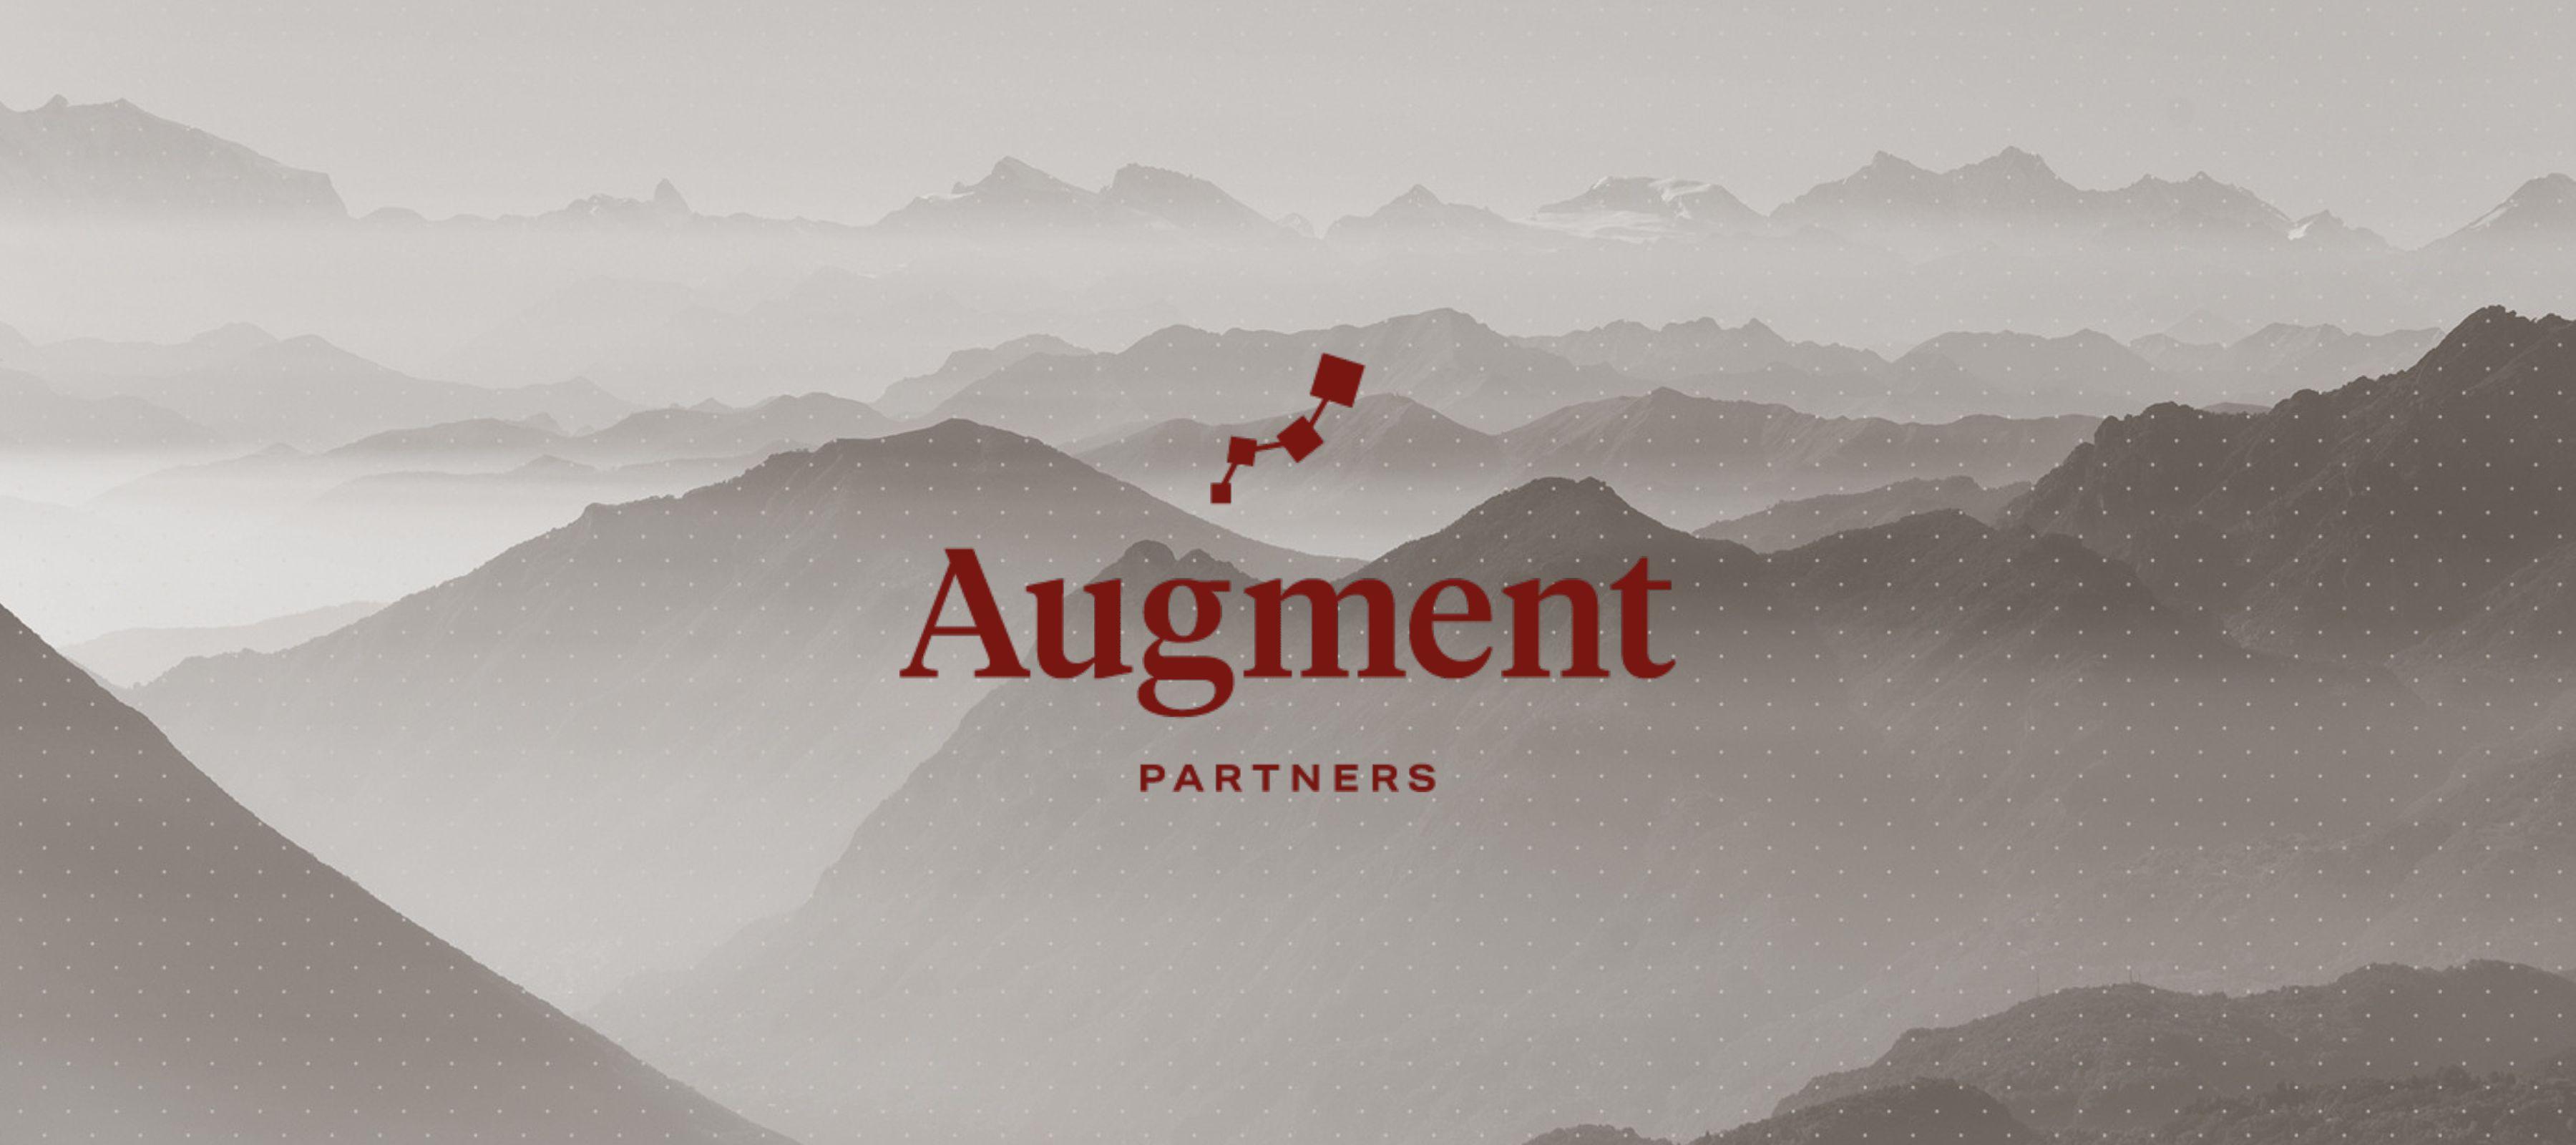 Augment Image